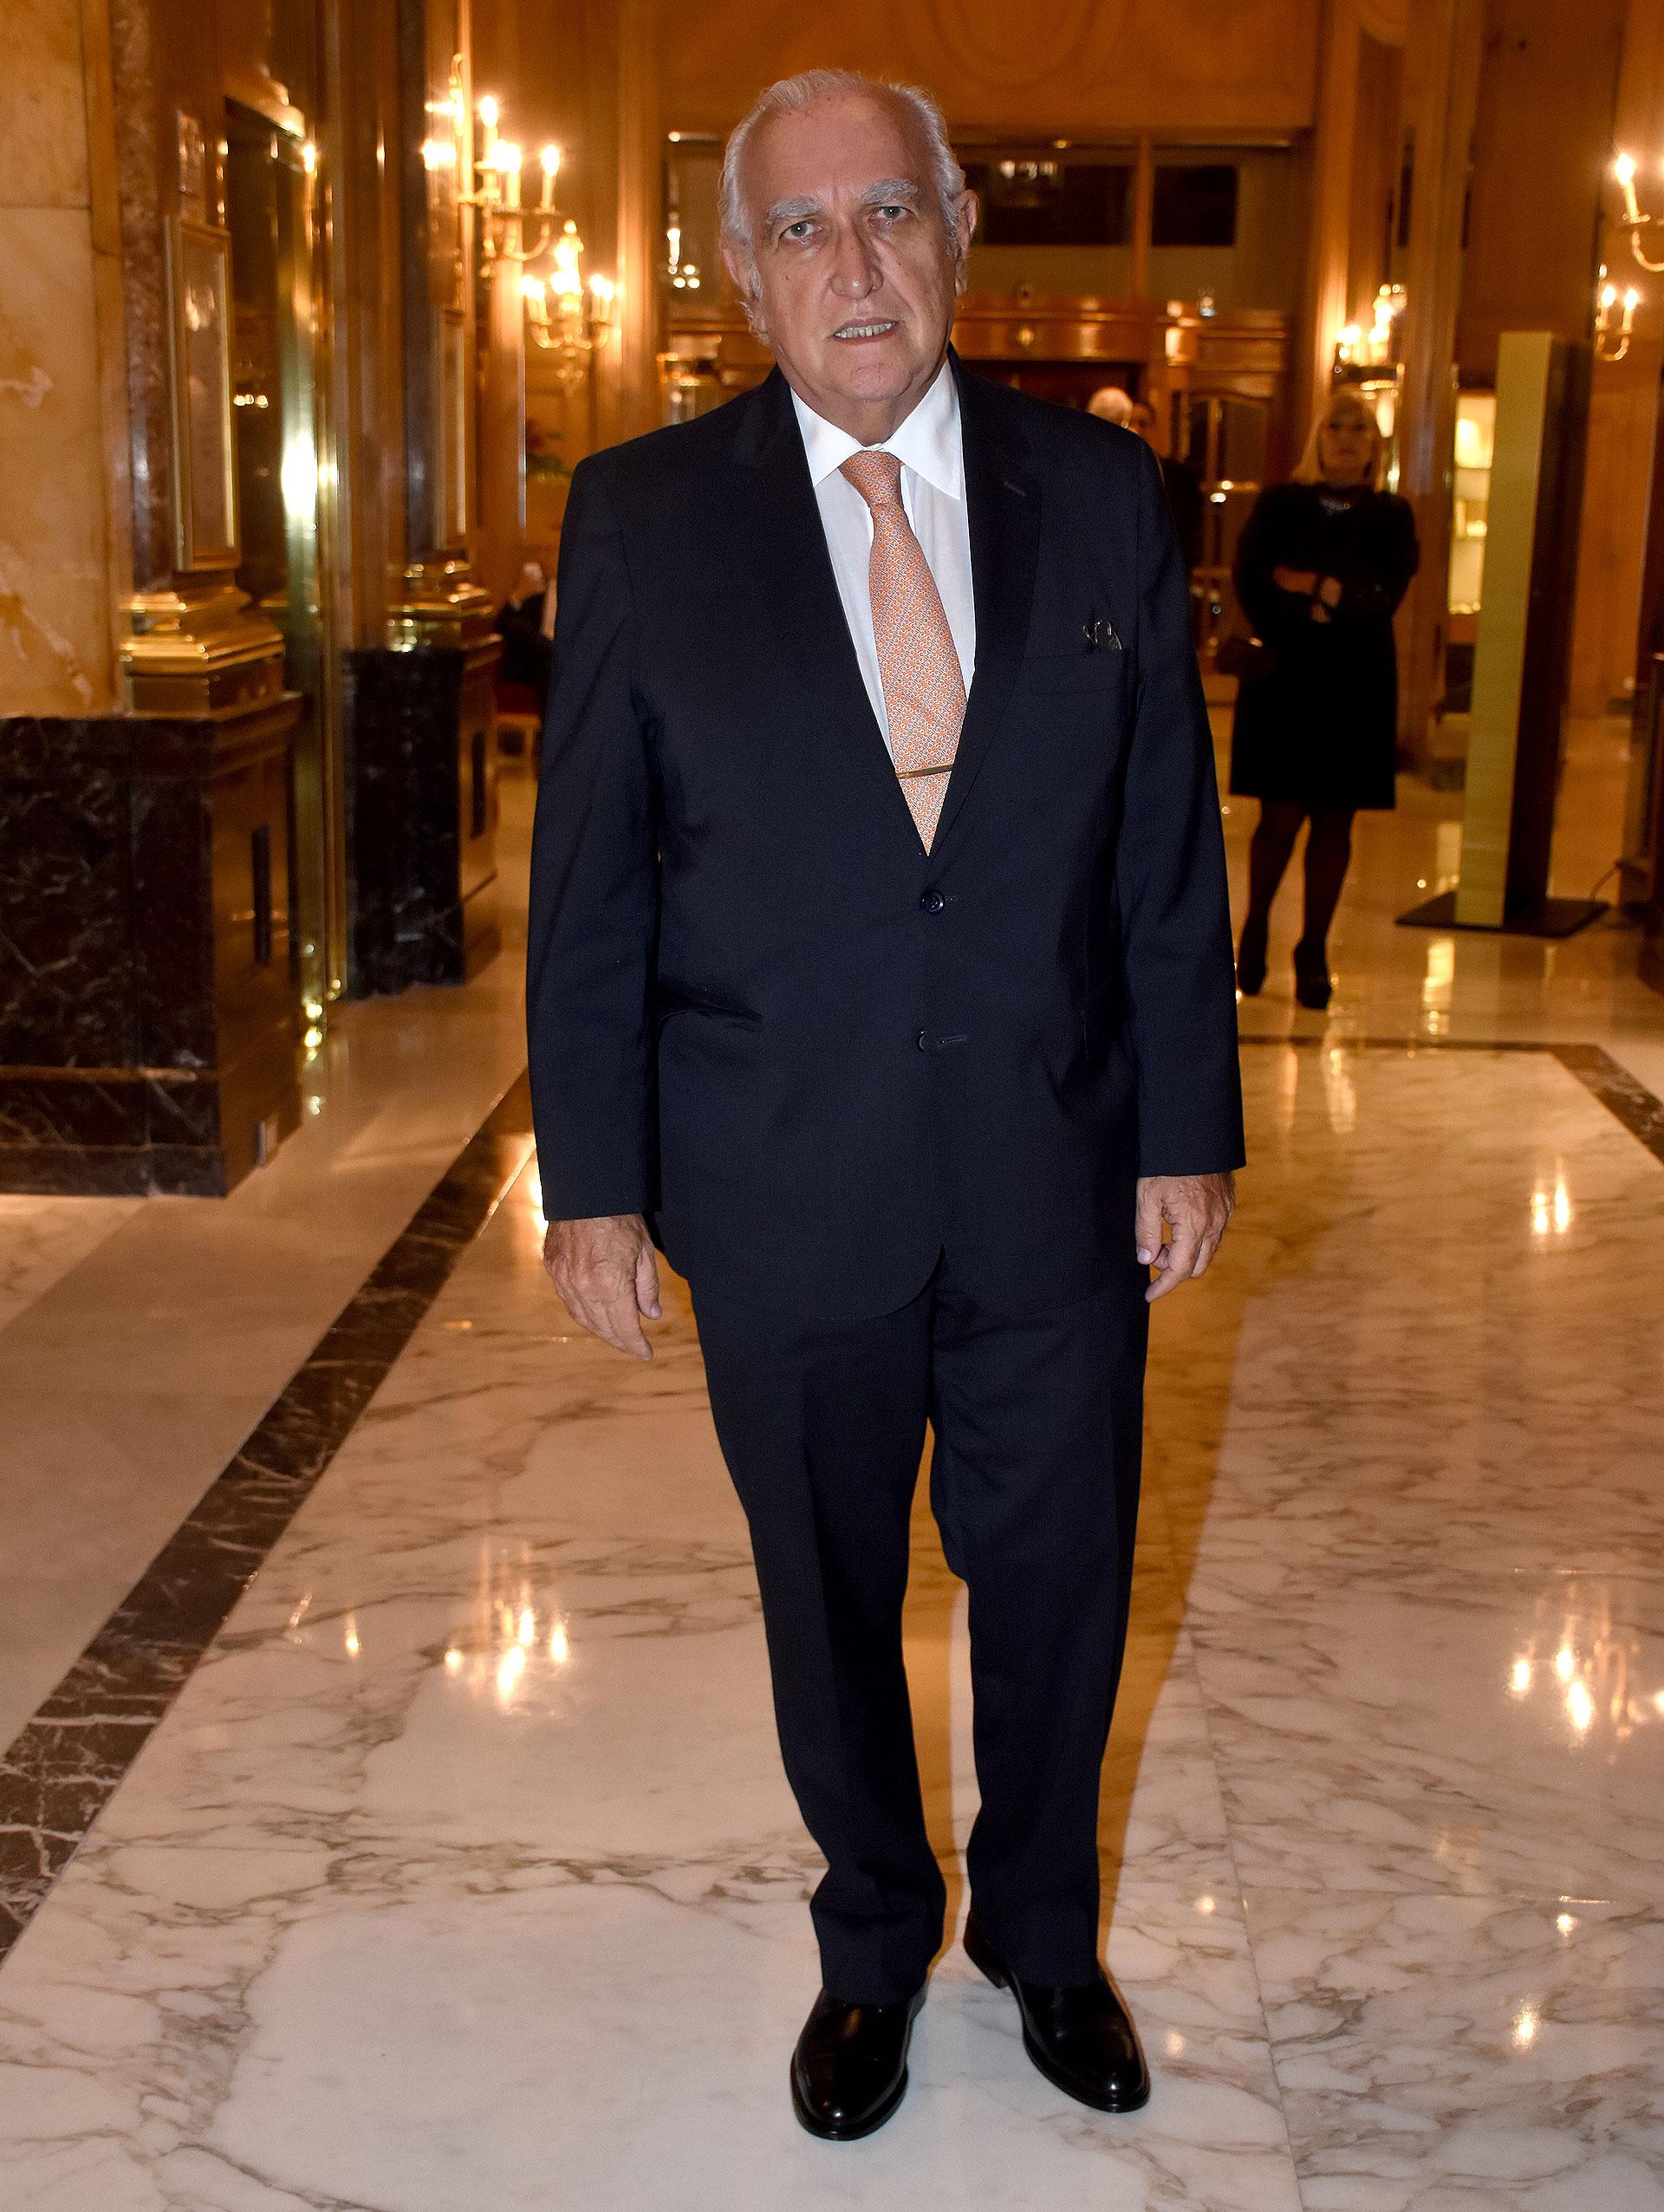 El coordinador general de Justicia 2020, Ricardo Gil Lavedra